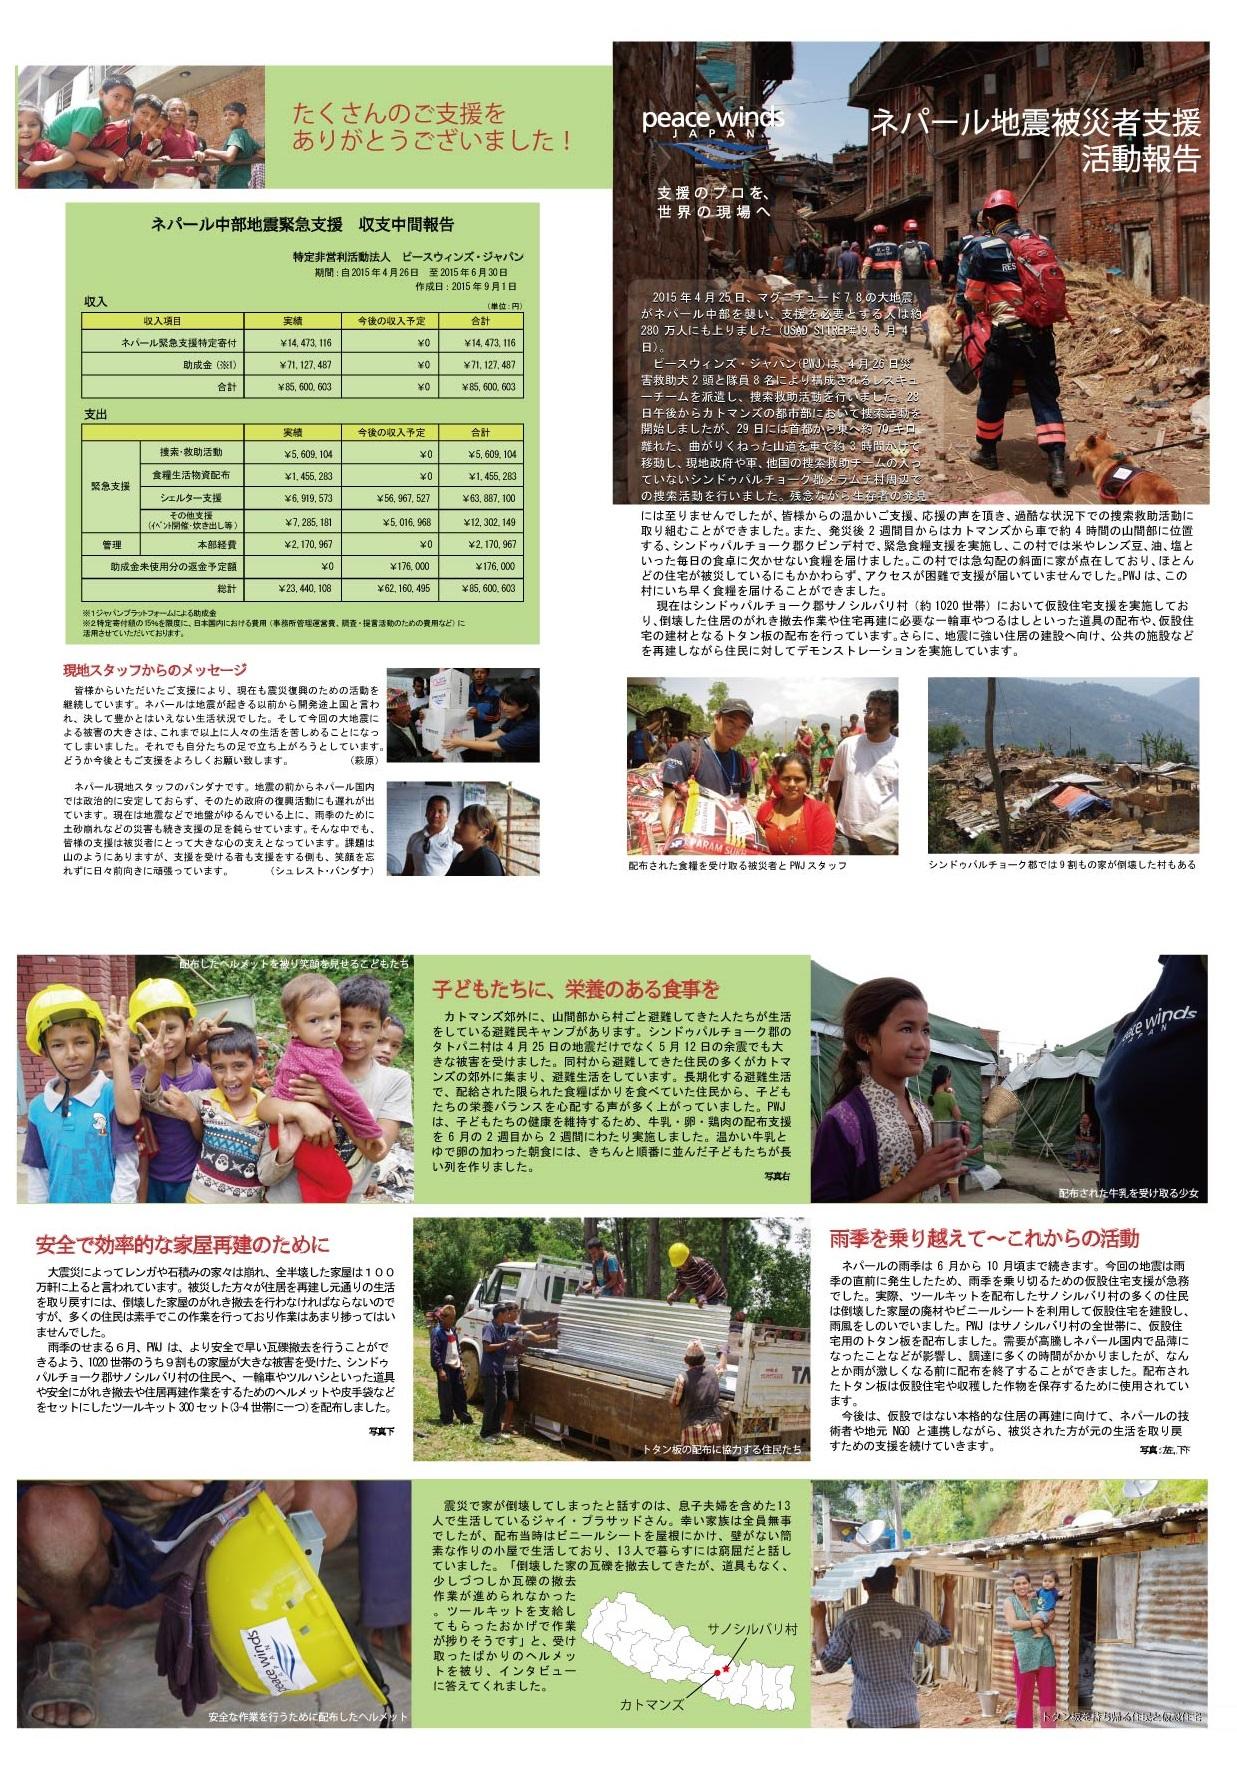 ネパール報告書